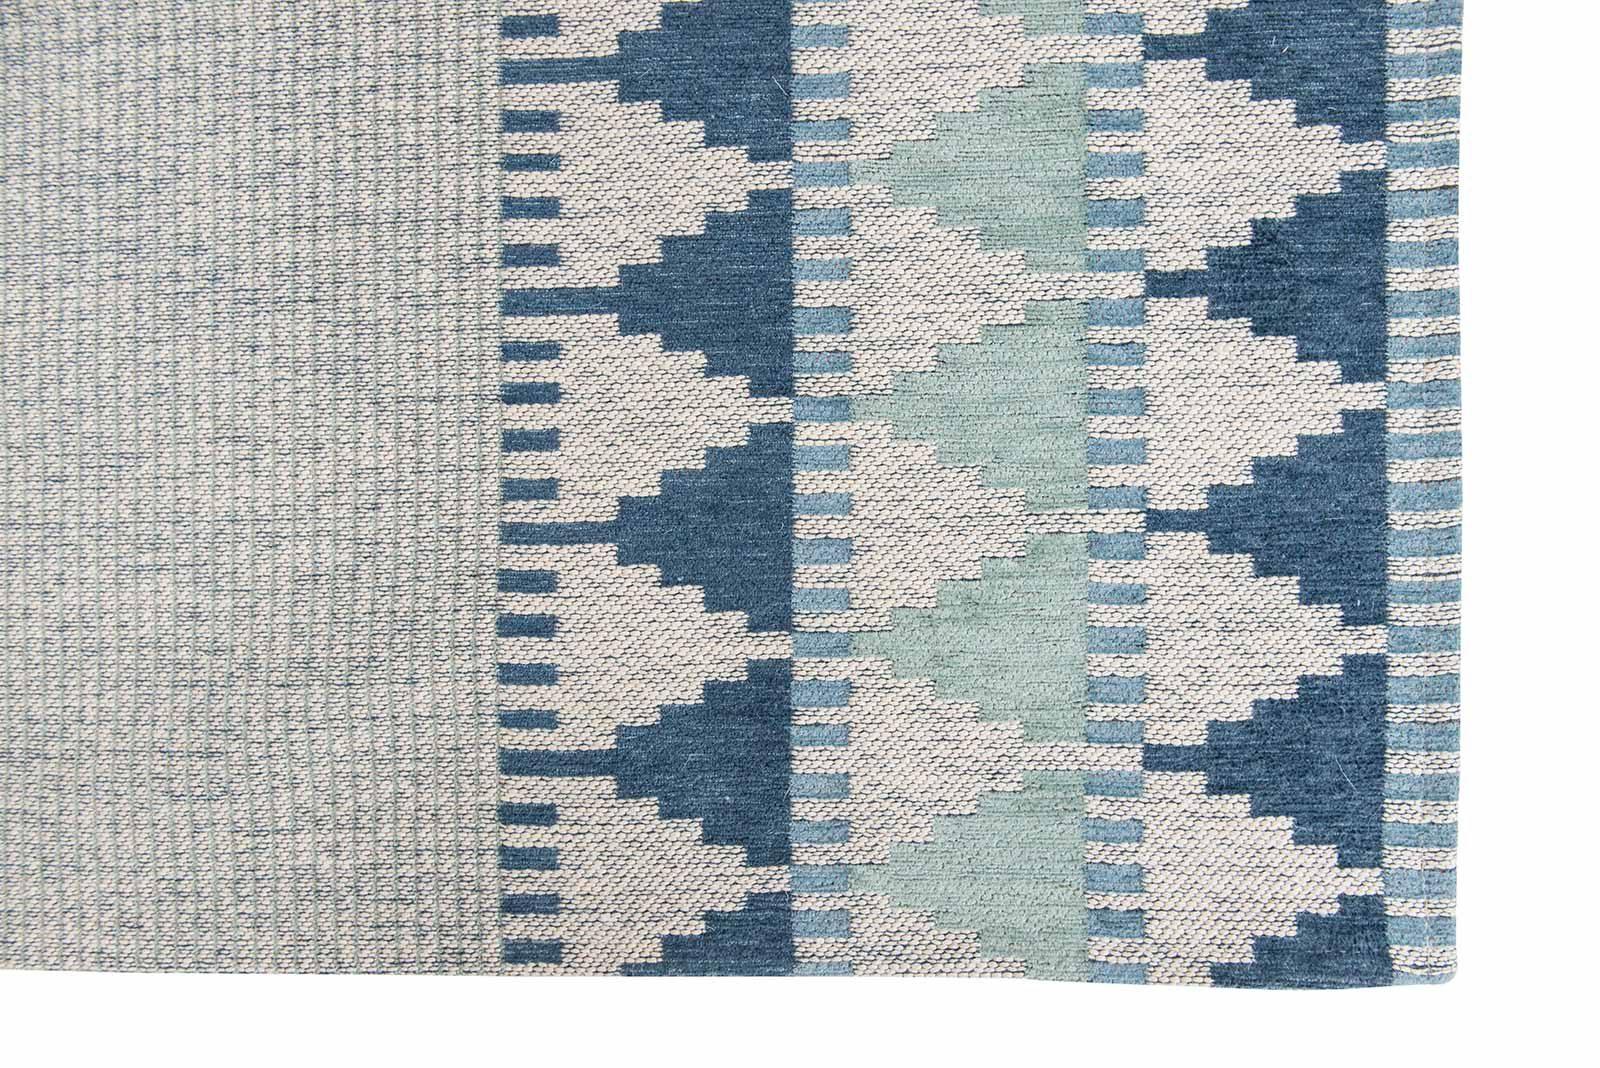 Louis De Poortere alfombras Villa Nova LX 8766 Tobi Teal corner